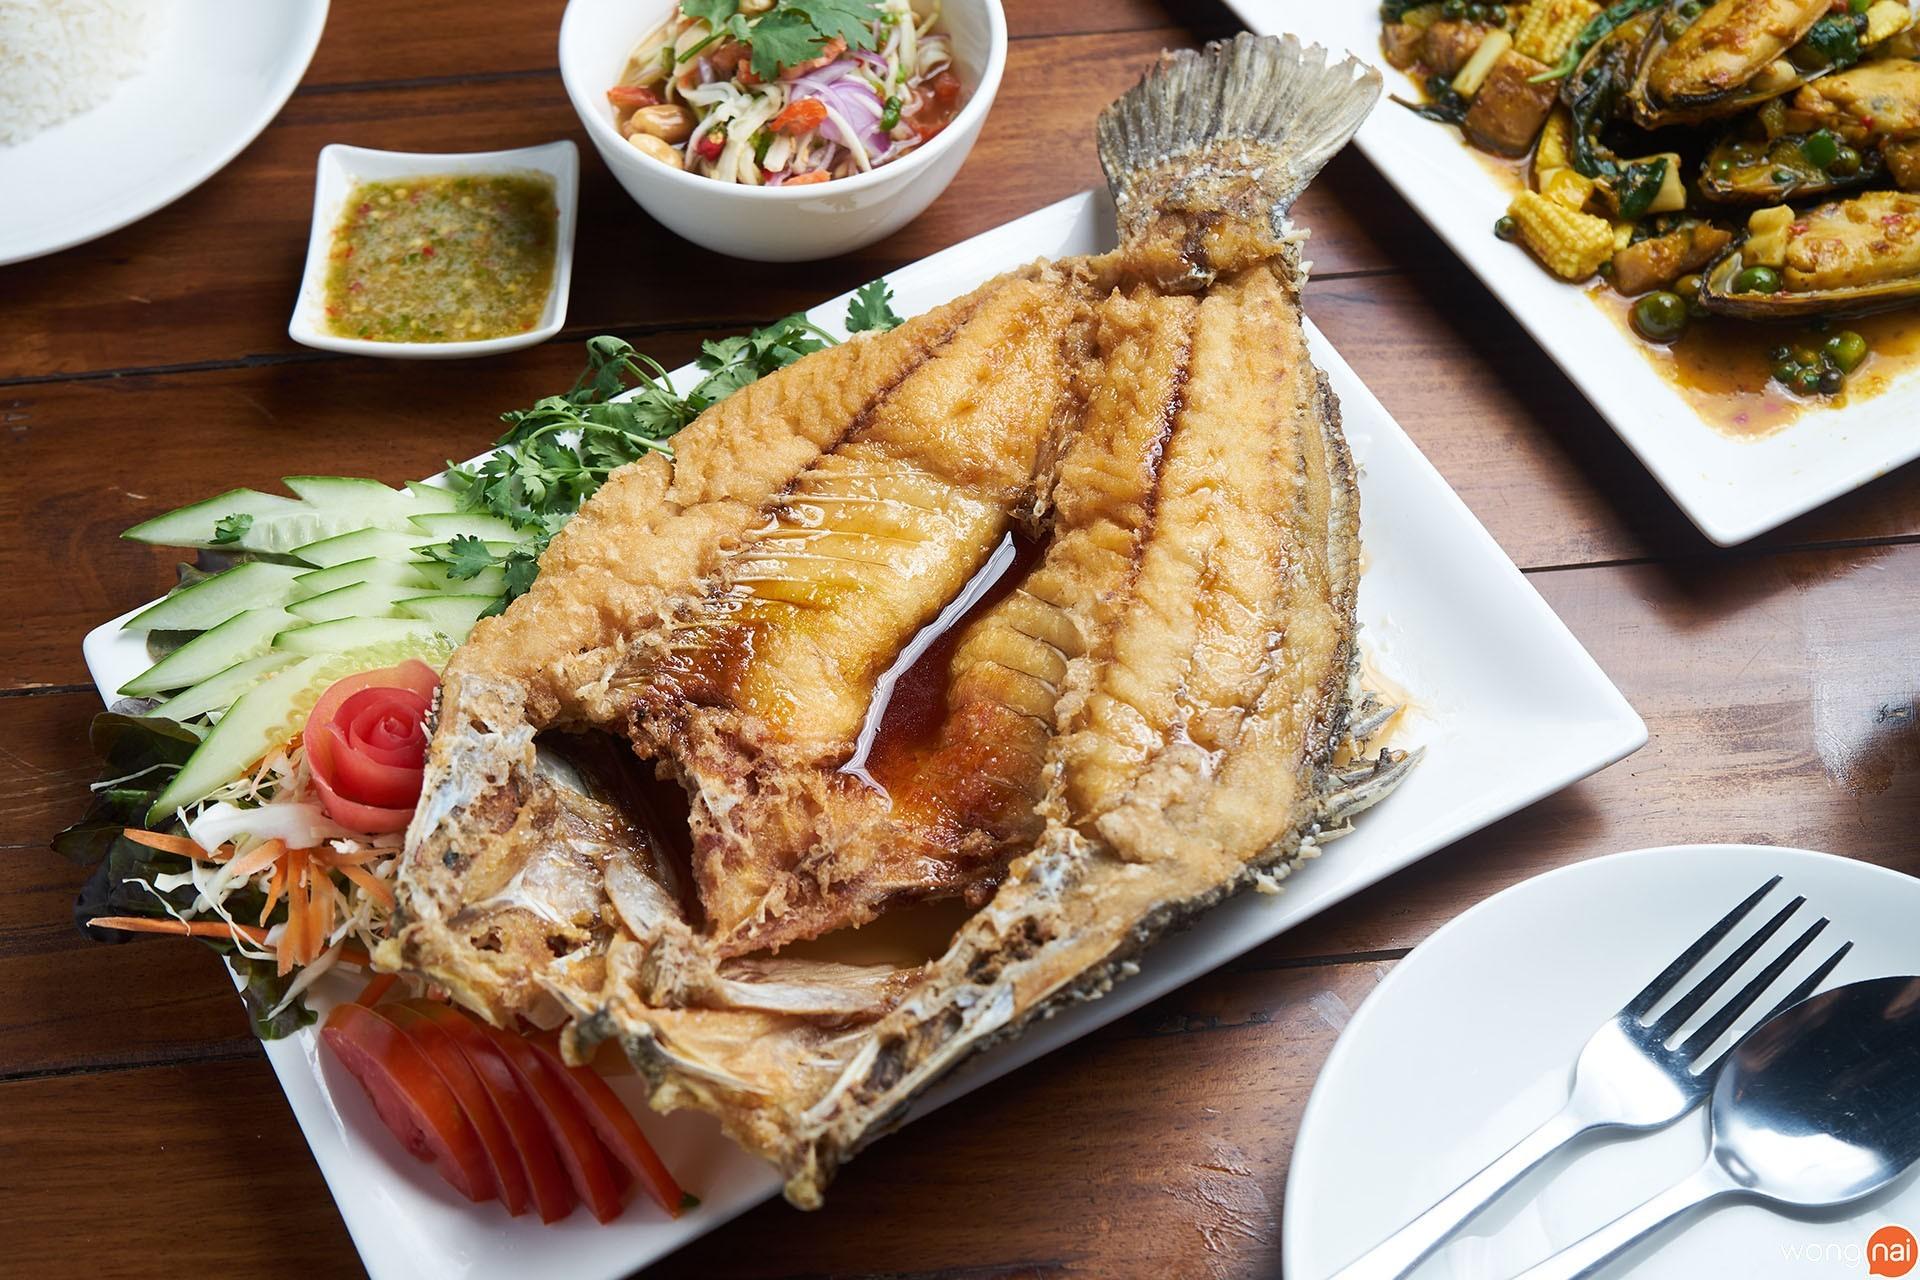 ปลากะพงทอดน้ำปลา ของร้าน 61 Cozy Garden Bistro